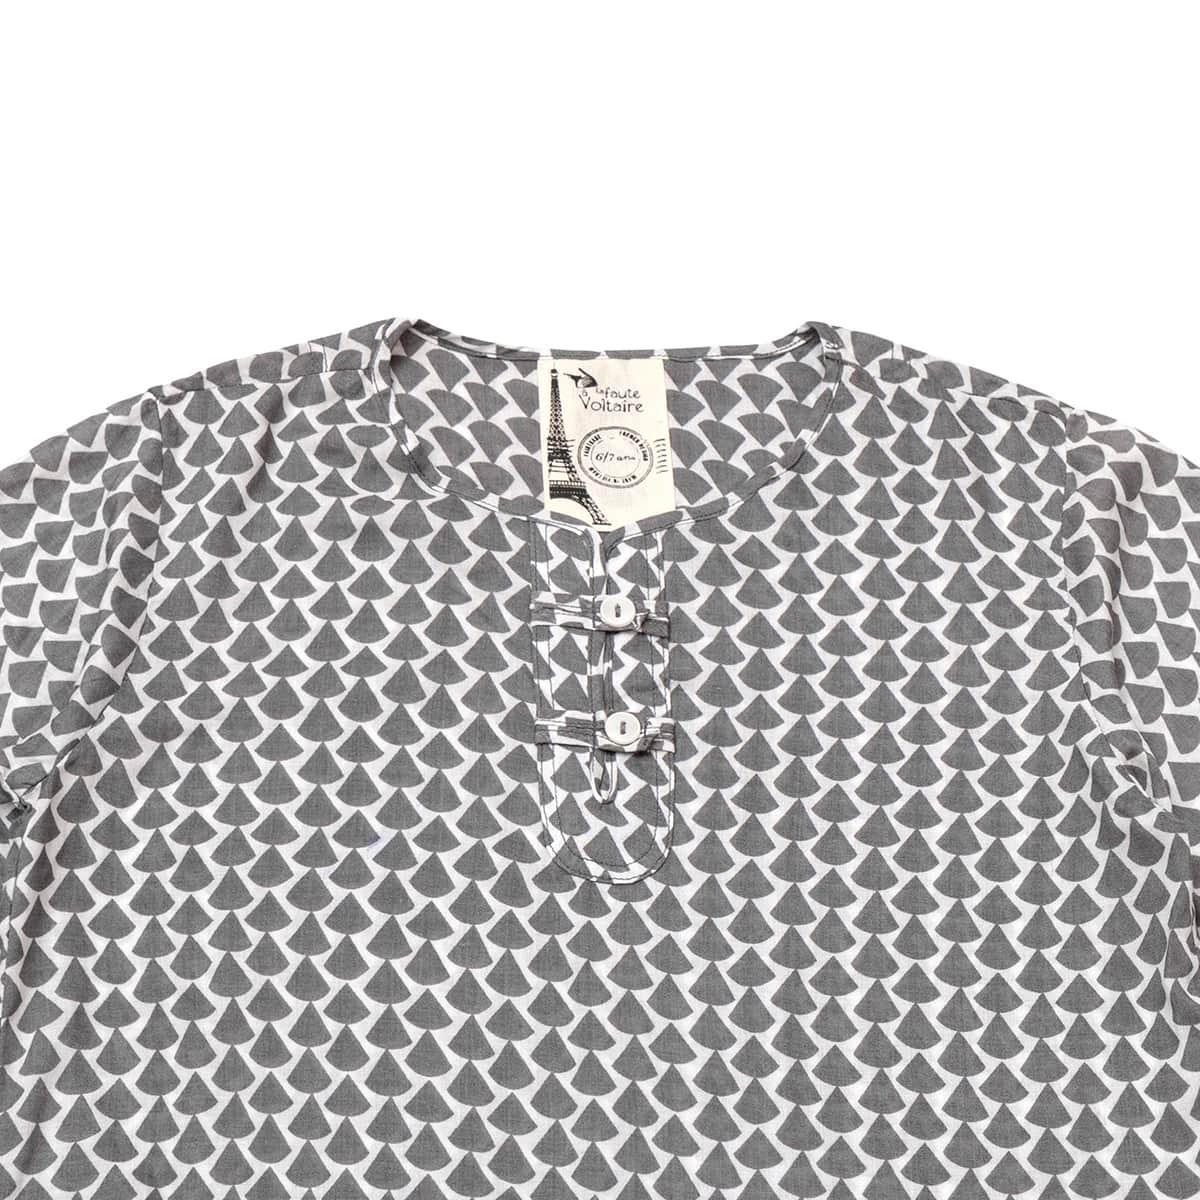 Chemise liquette légère en voile de coton imprimé graphique gris et blanc avec col tunisien boutonné pour garçons de 2 à 14 ans